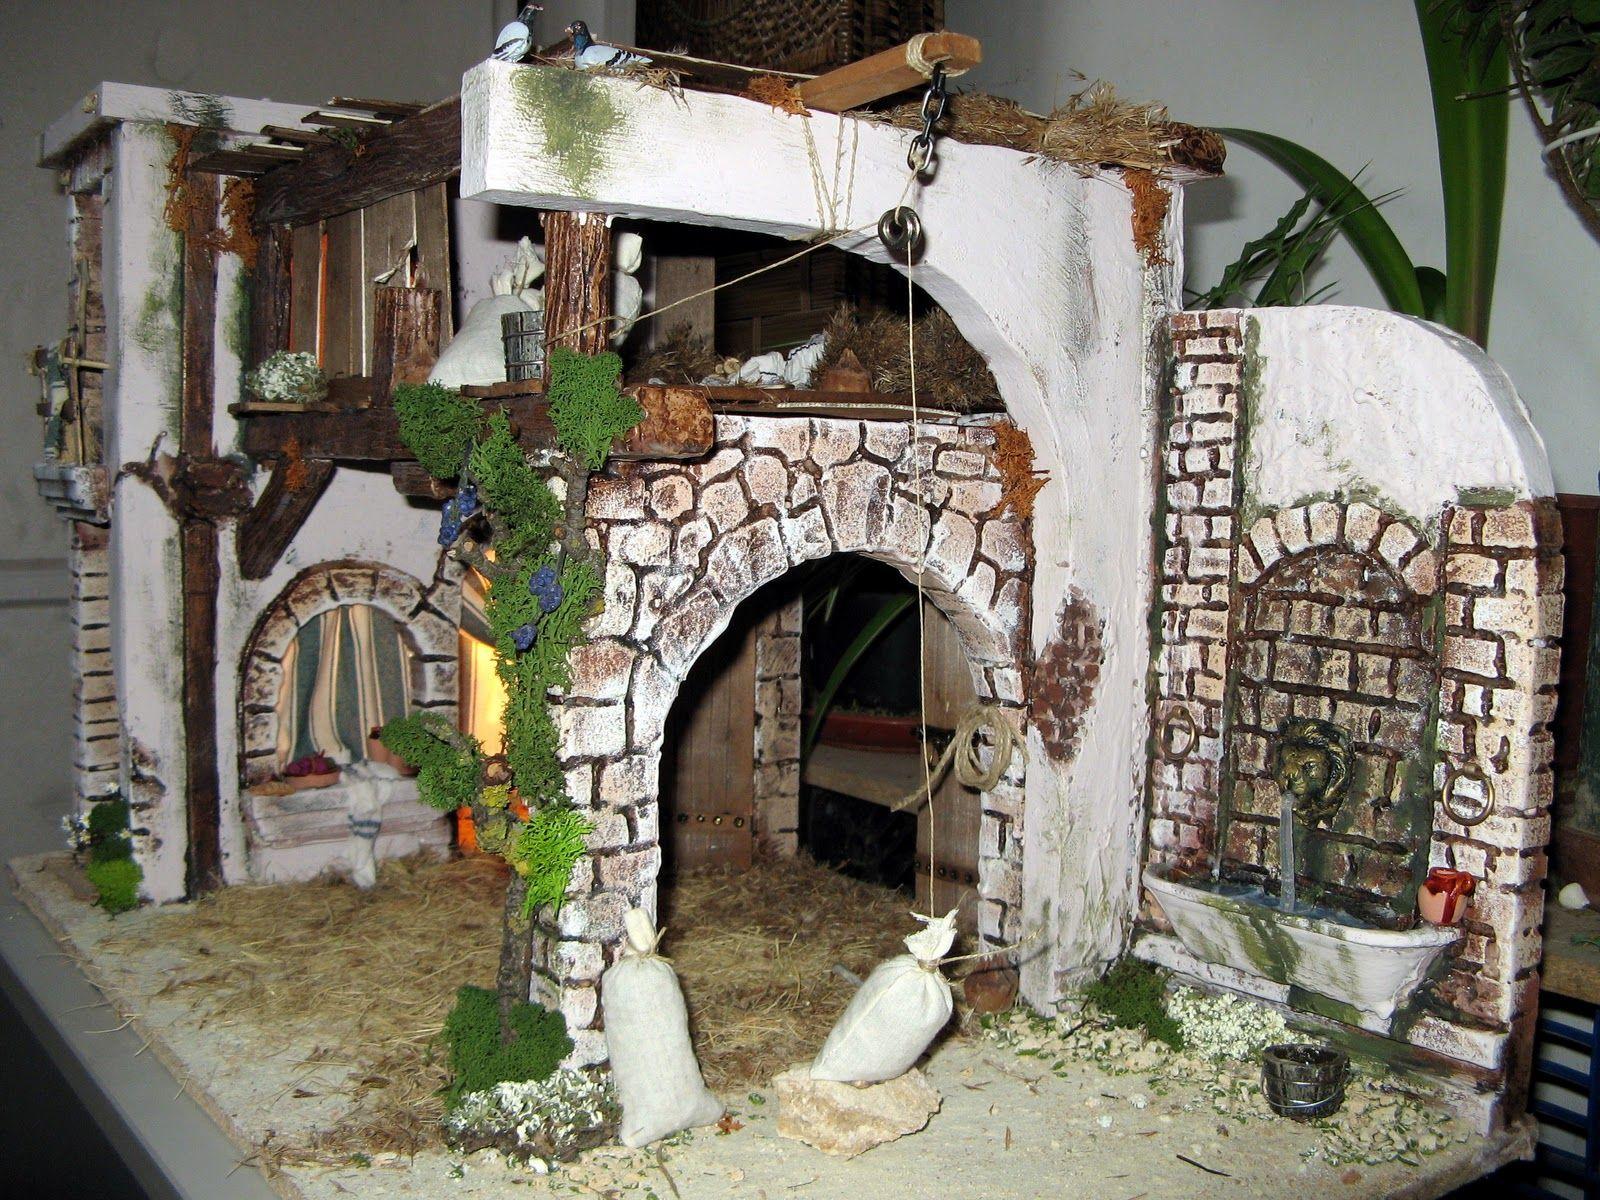 Quiero presentar mi exposici n de portales de belen para el fin de semana de todos los santos - Portales de belen originales ...